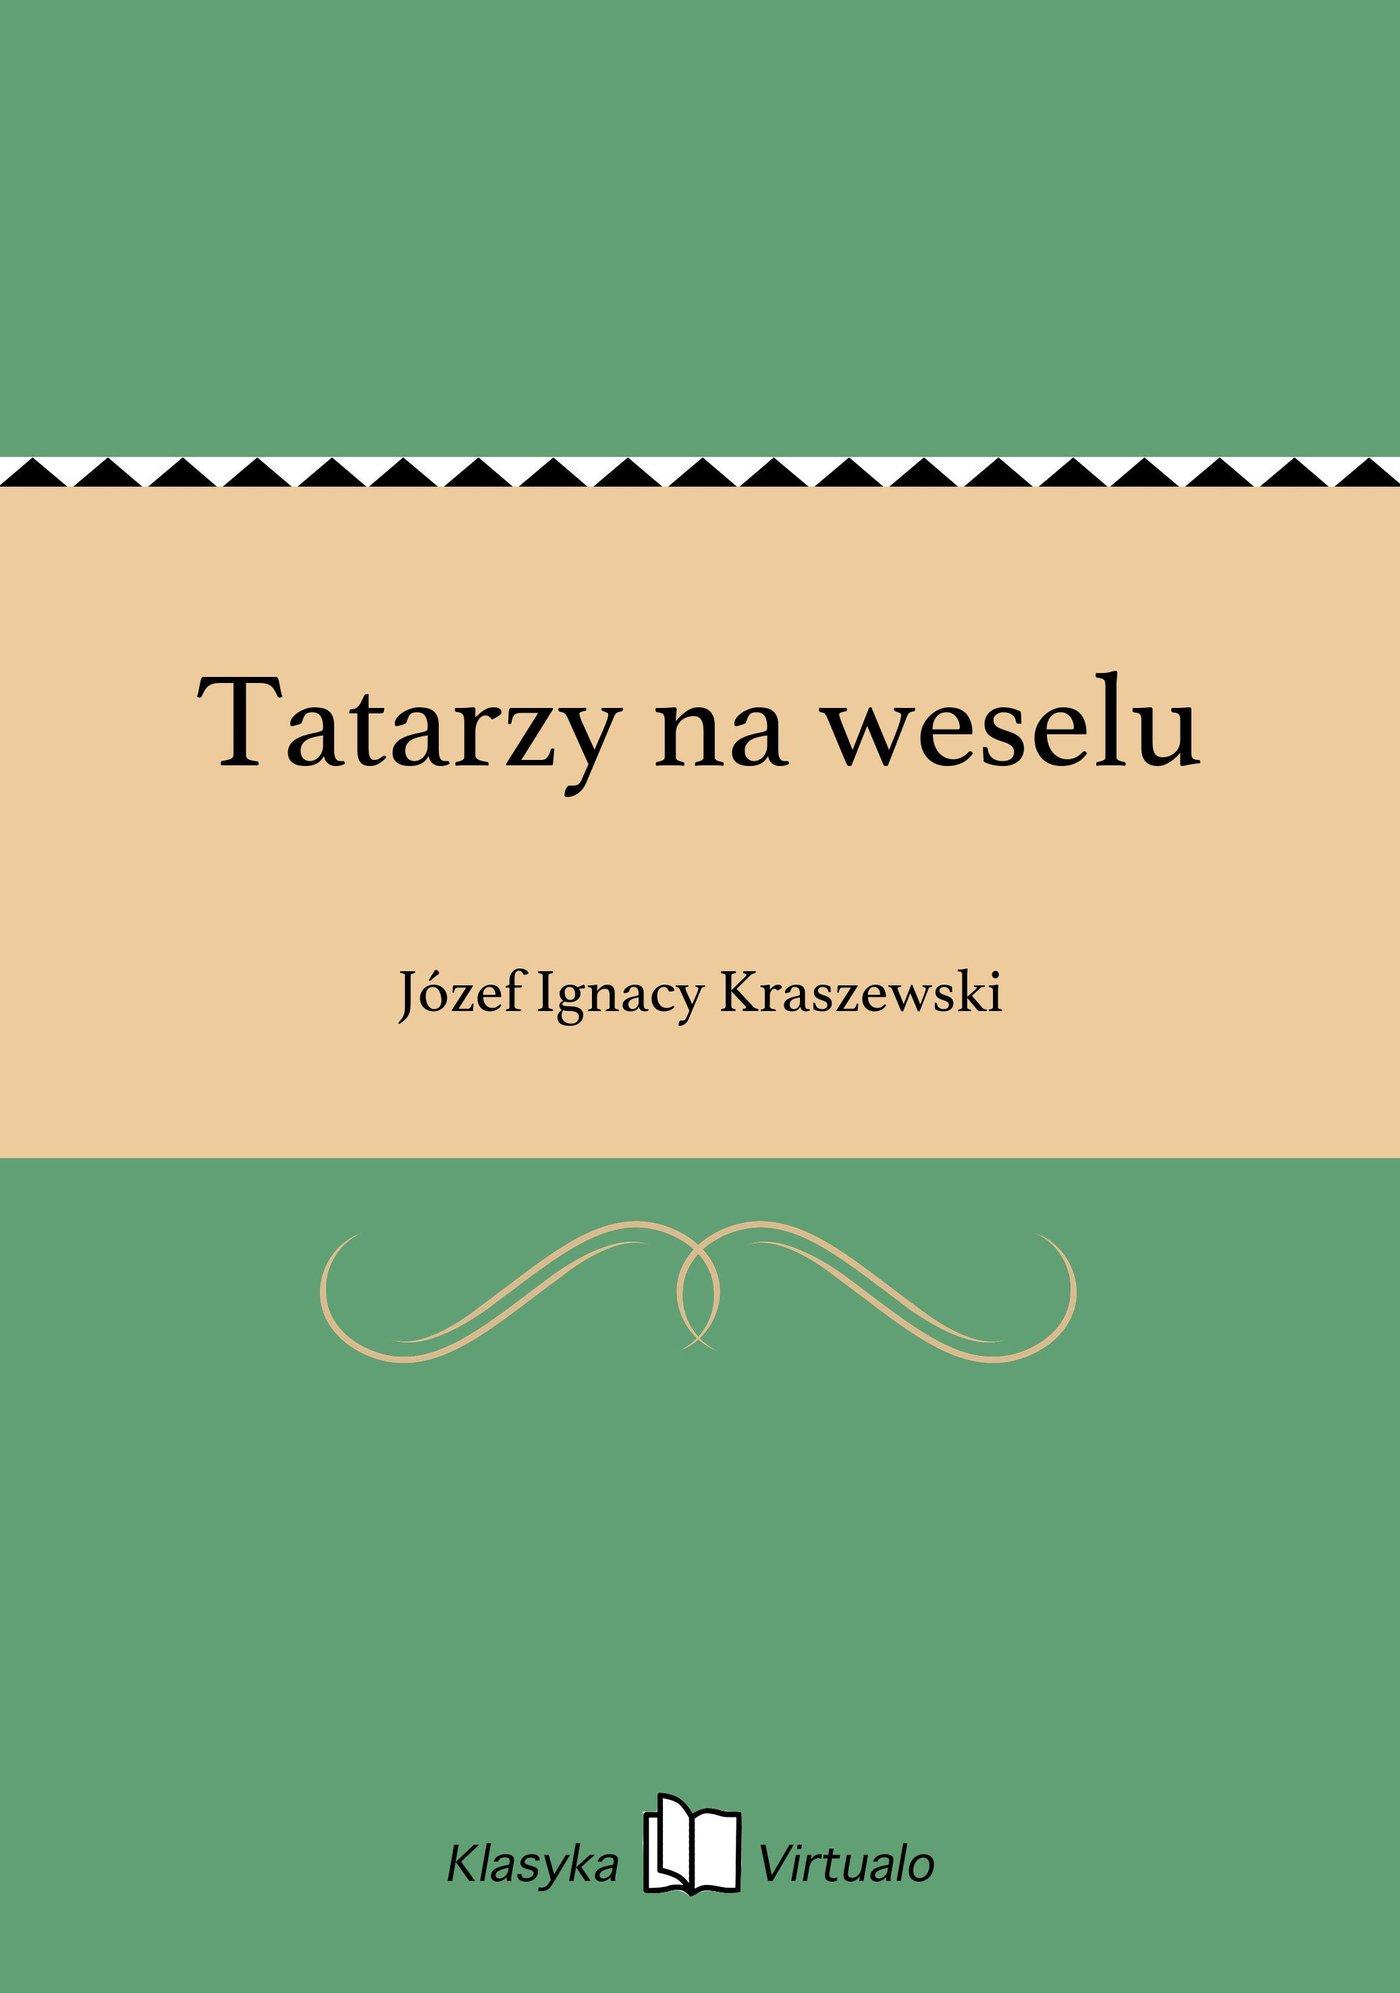 Tatarzy na weselu - Ebook (Książka na Kindle) do pobrania w formacie MOBI